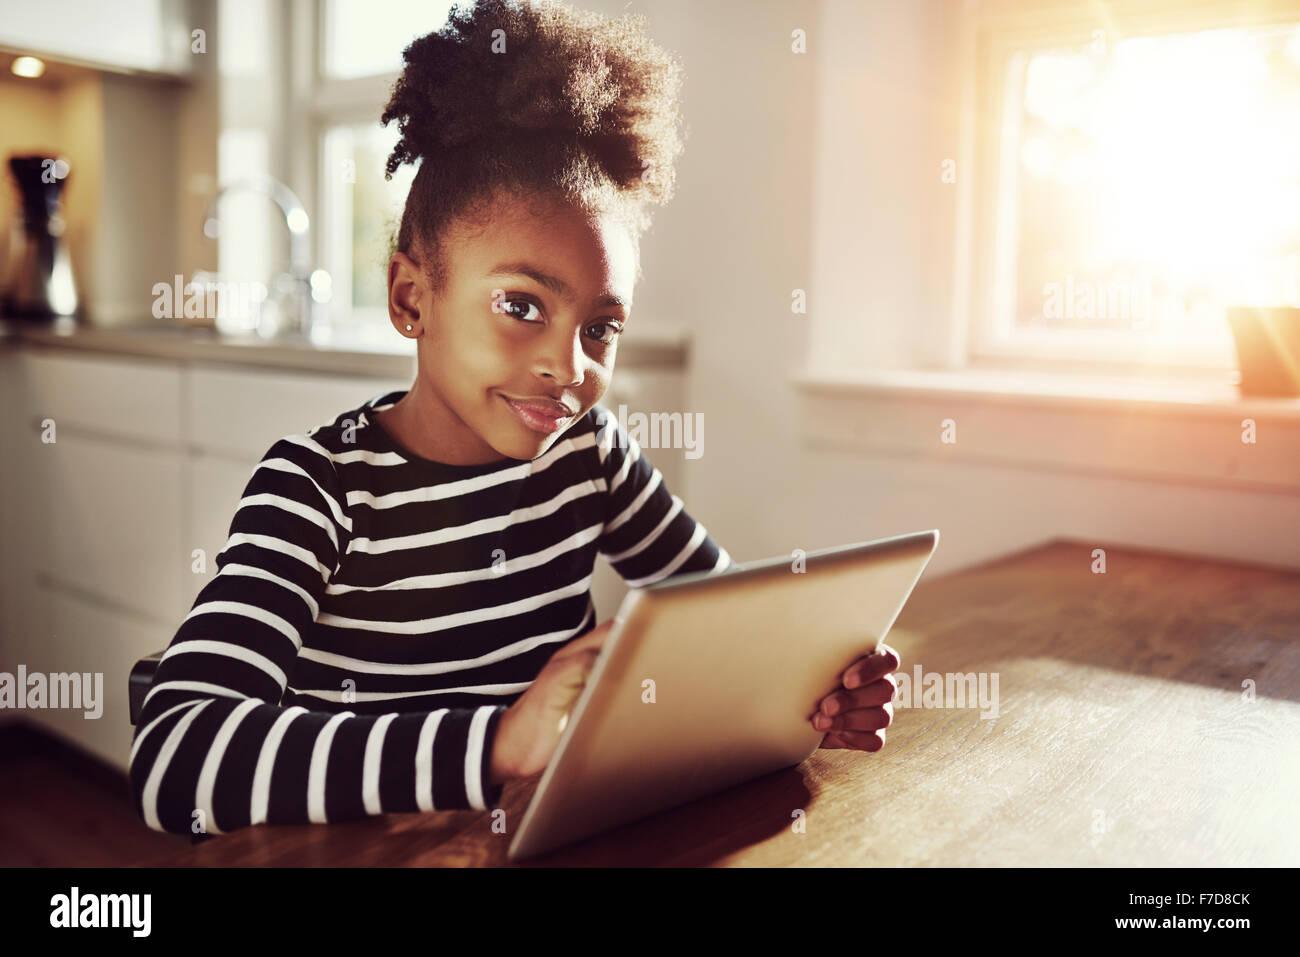 Young black girl assis regardant la caméra avec une expression pensive alors qu'elle navigue sur internet Photo Stock